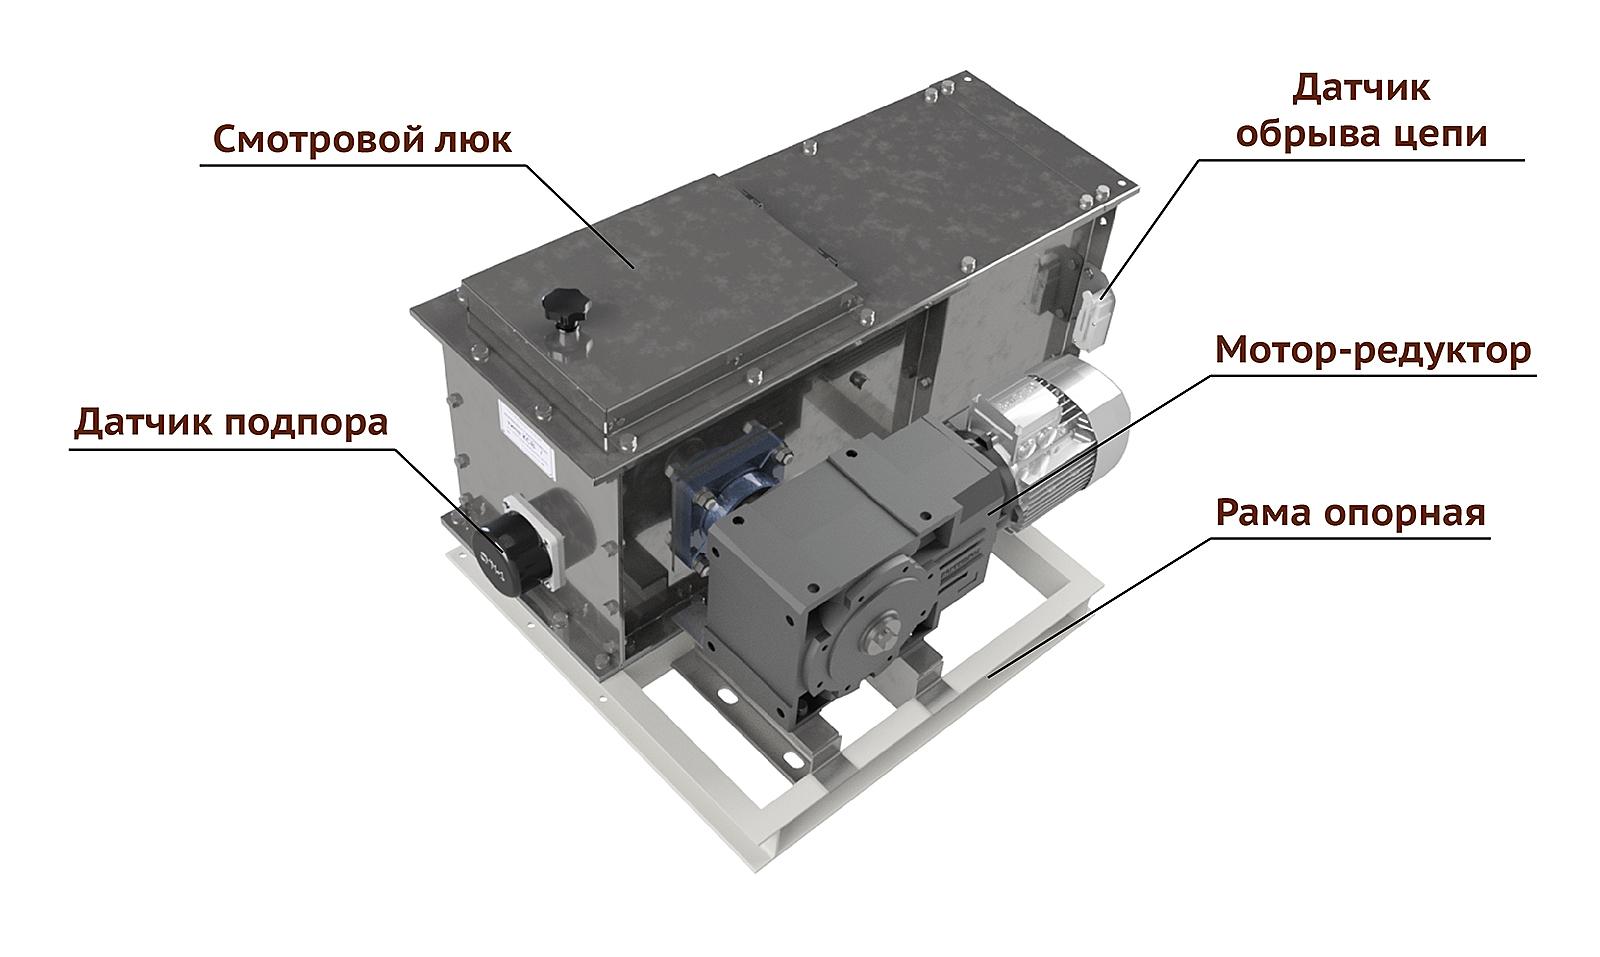 Редуктор транспортера цепного какой расход топлива у транспортера дизель